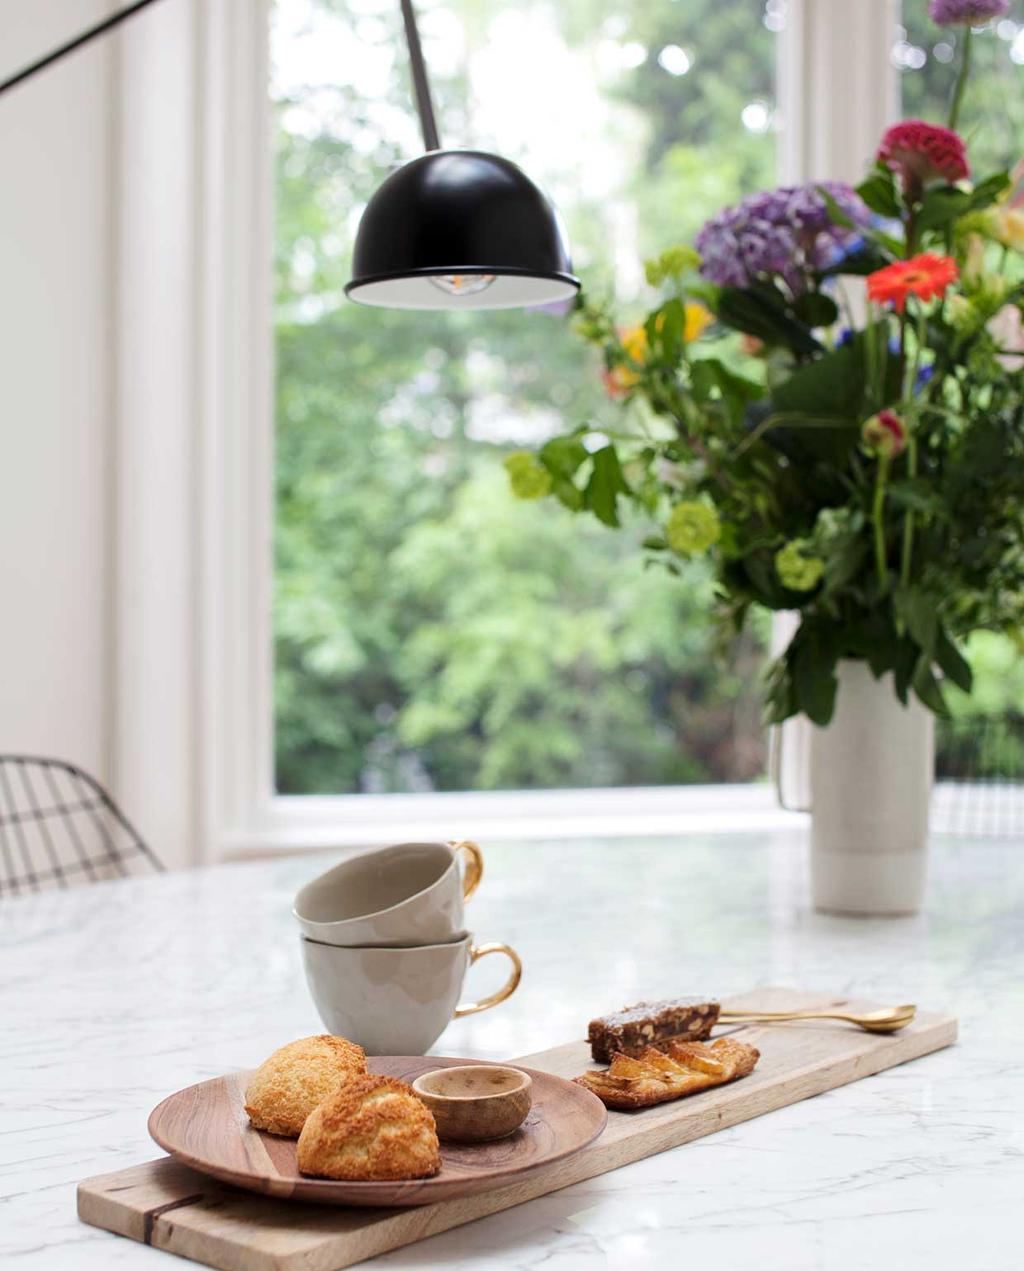 vtwonen binnenkijkspecial 12 | binnenkijken in een herenhuis met een mix van klassiek en design | eettafel met koffiekopjes